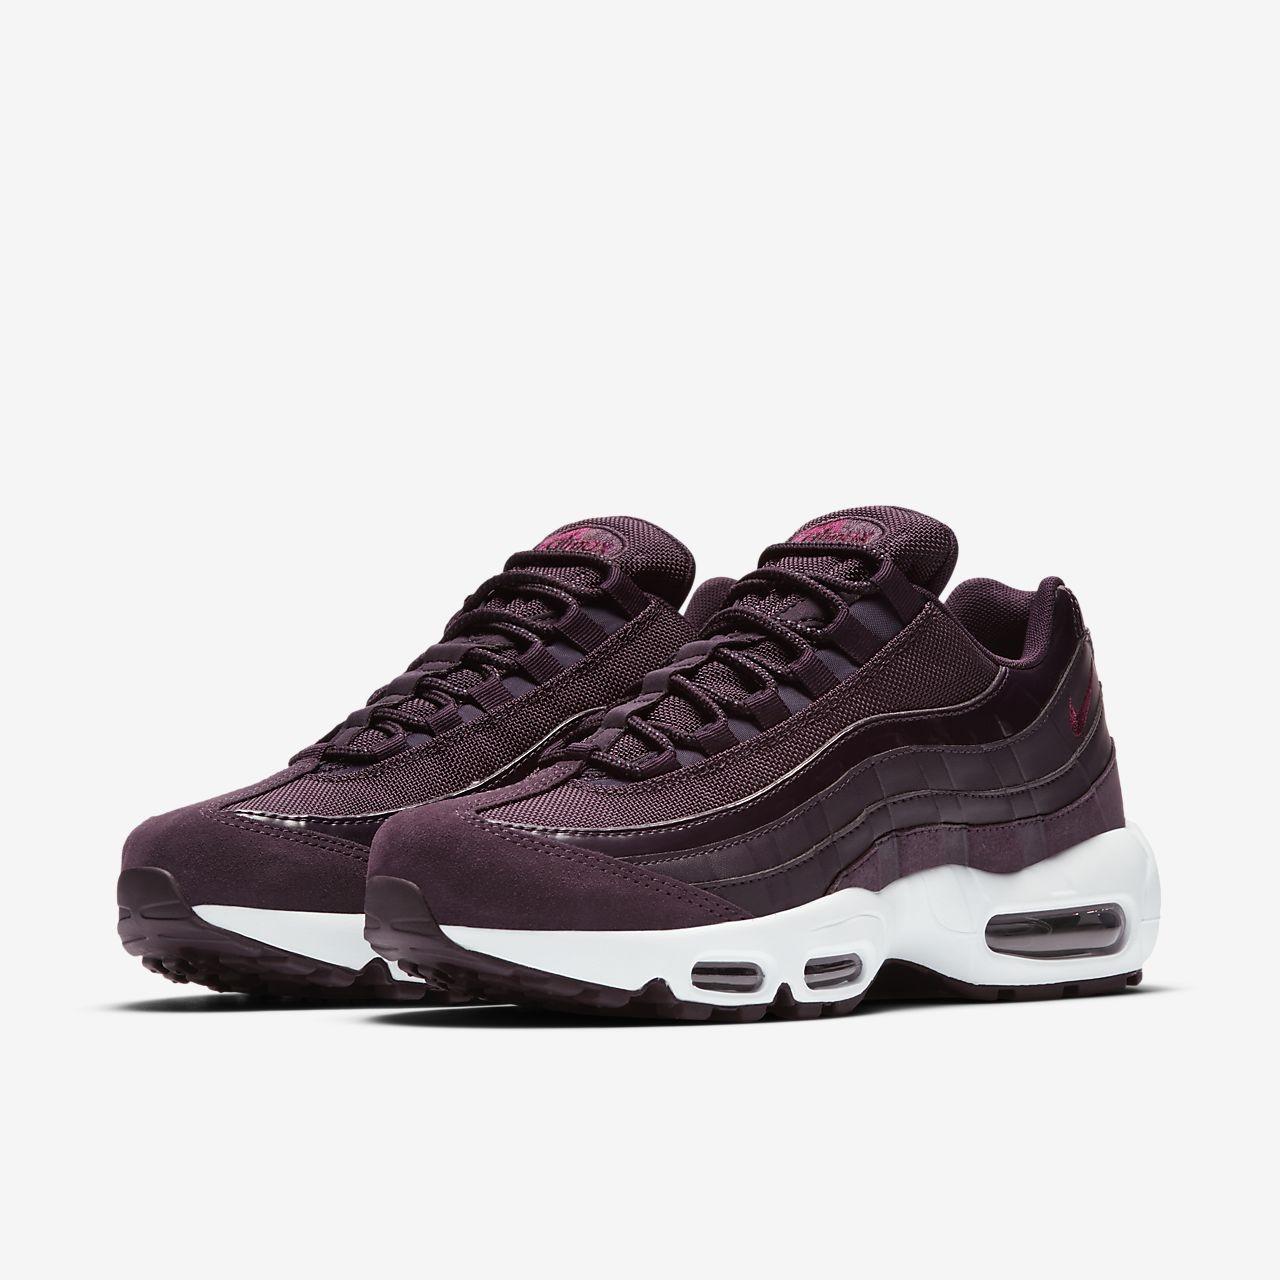 Soldes > nike 95 violet > en stock